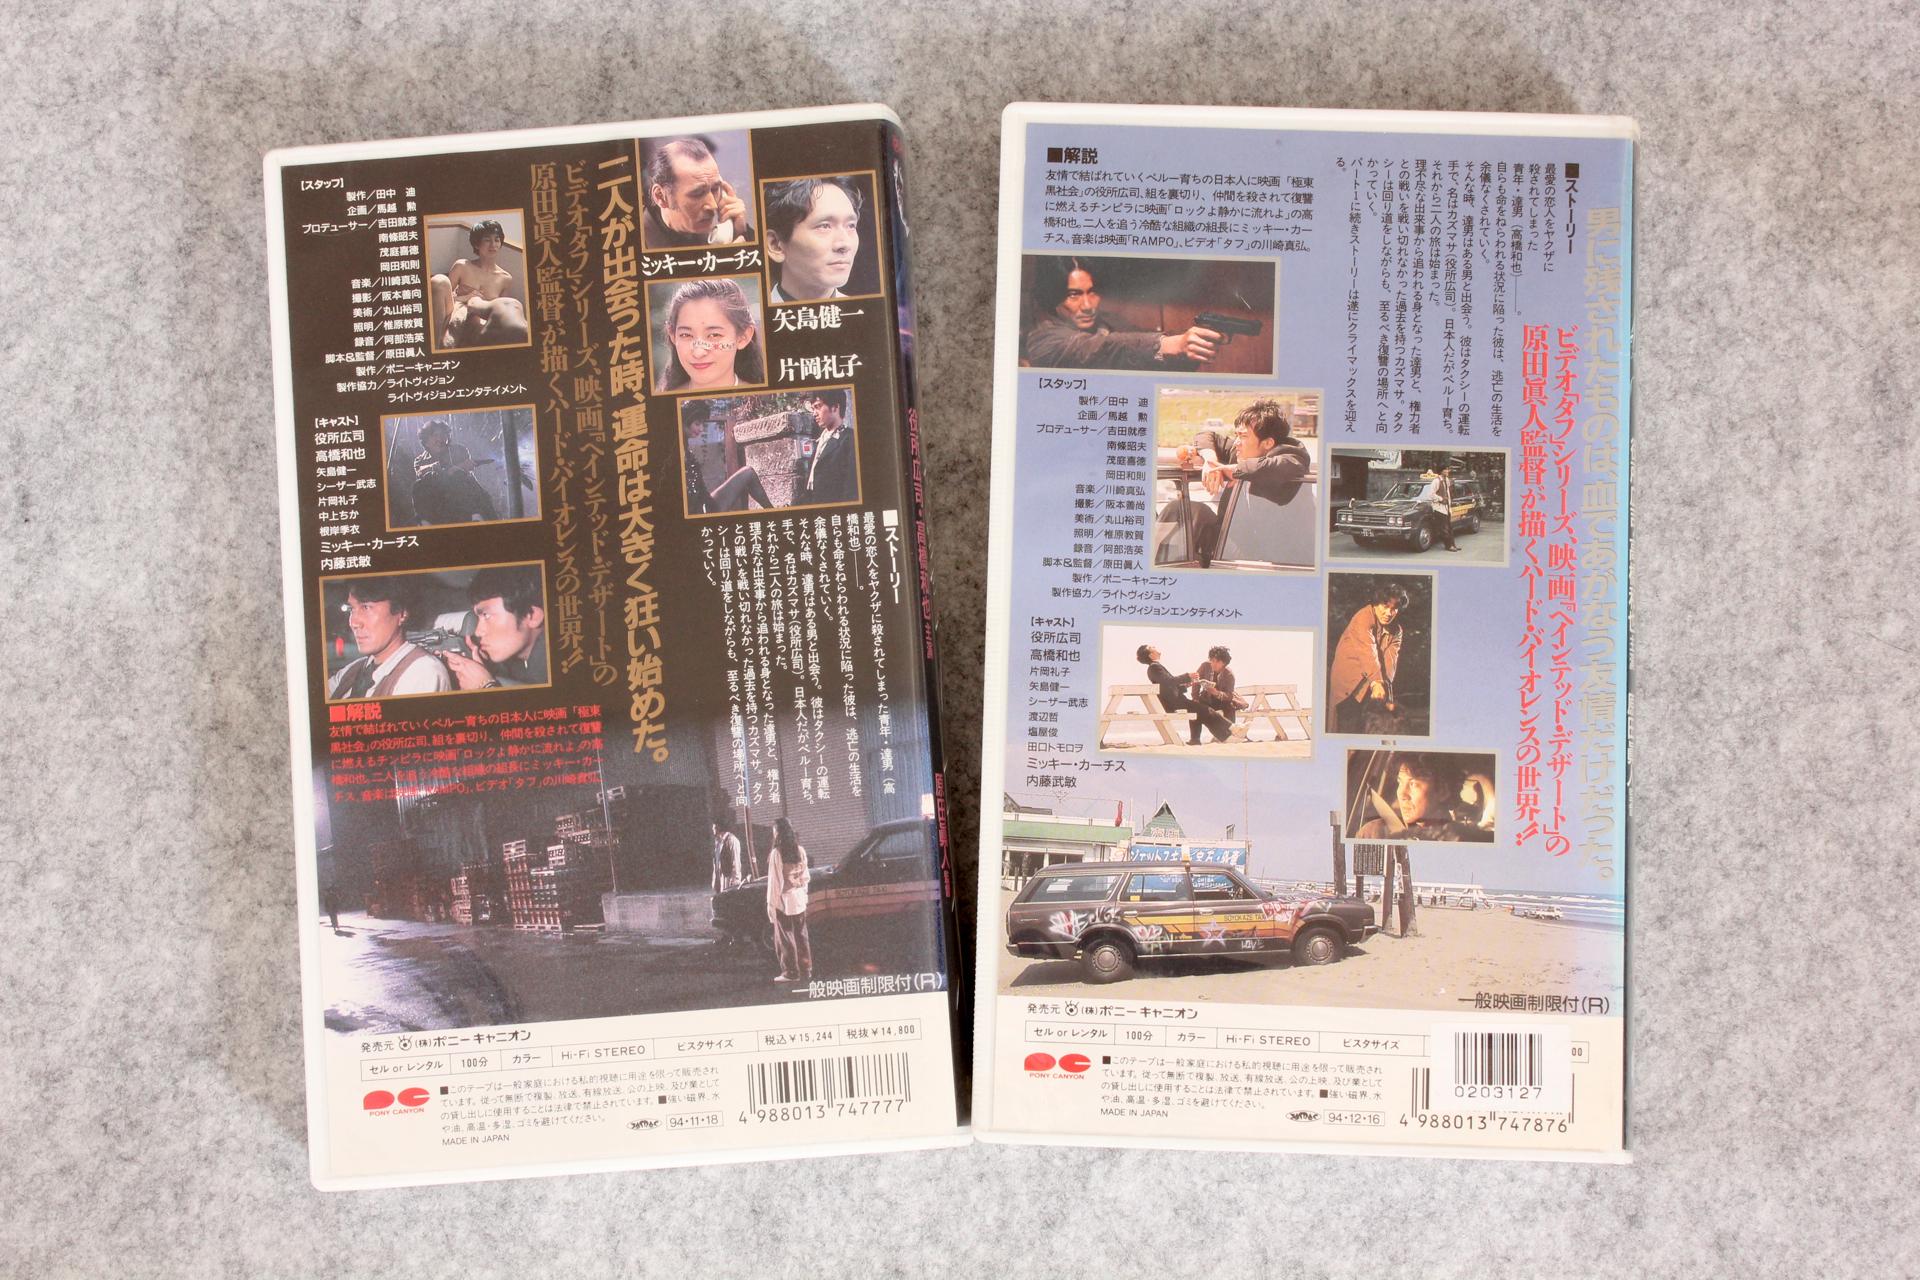 2019-05-25-KAMIKAZE_TAXI-VHS-2.jpg